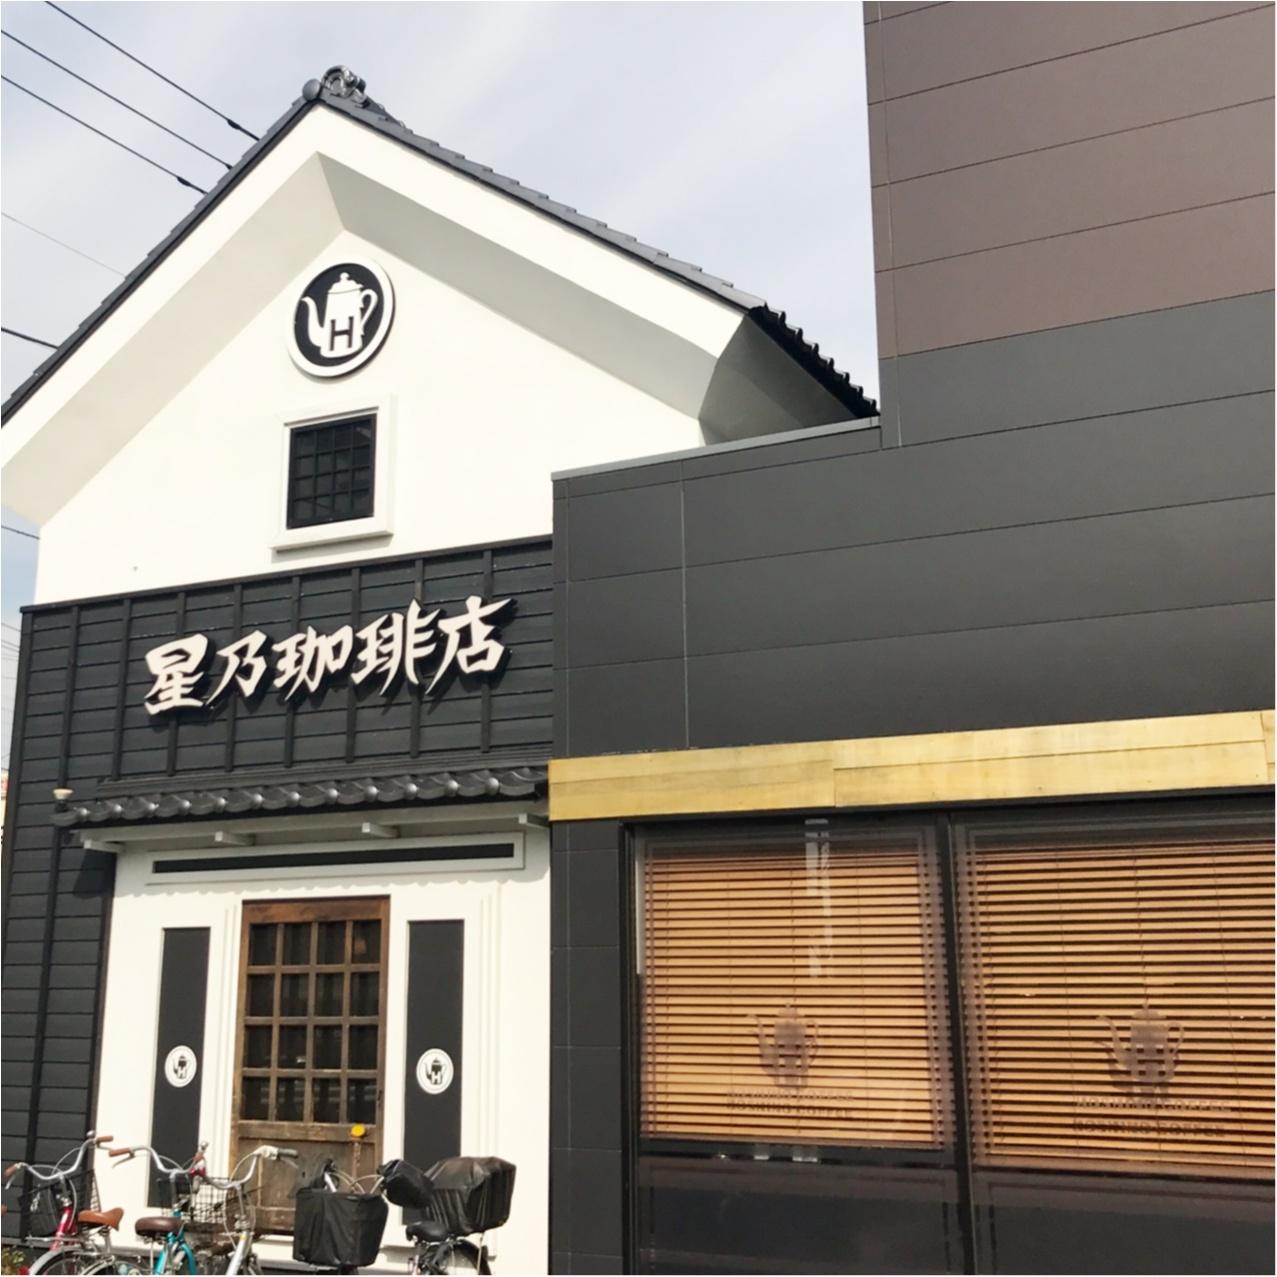 『星乃珈琲店』の春限定メニューは【いちご】のパンケーキ❤︎_1